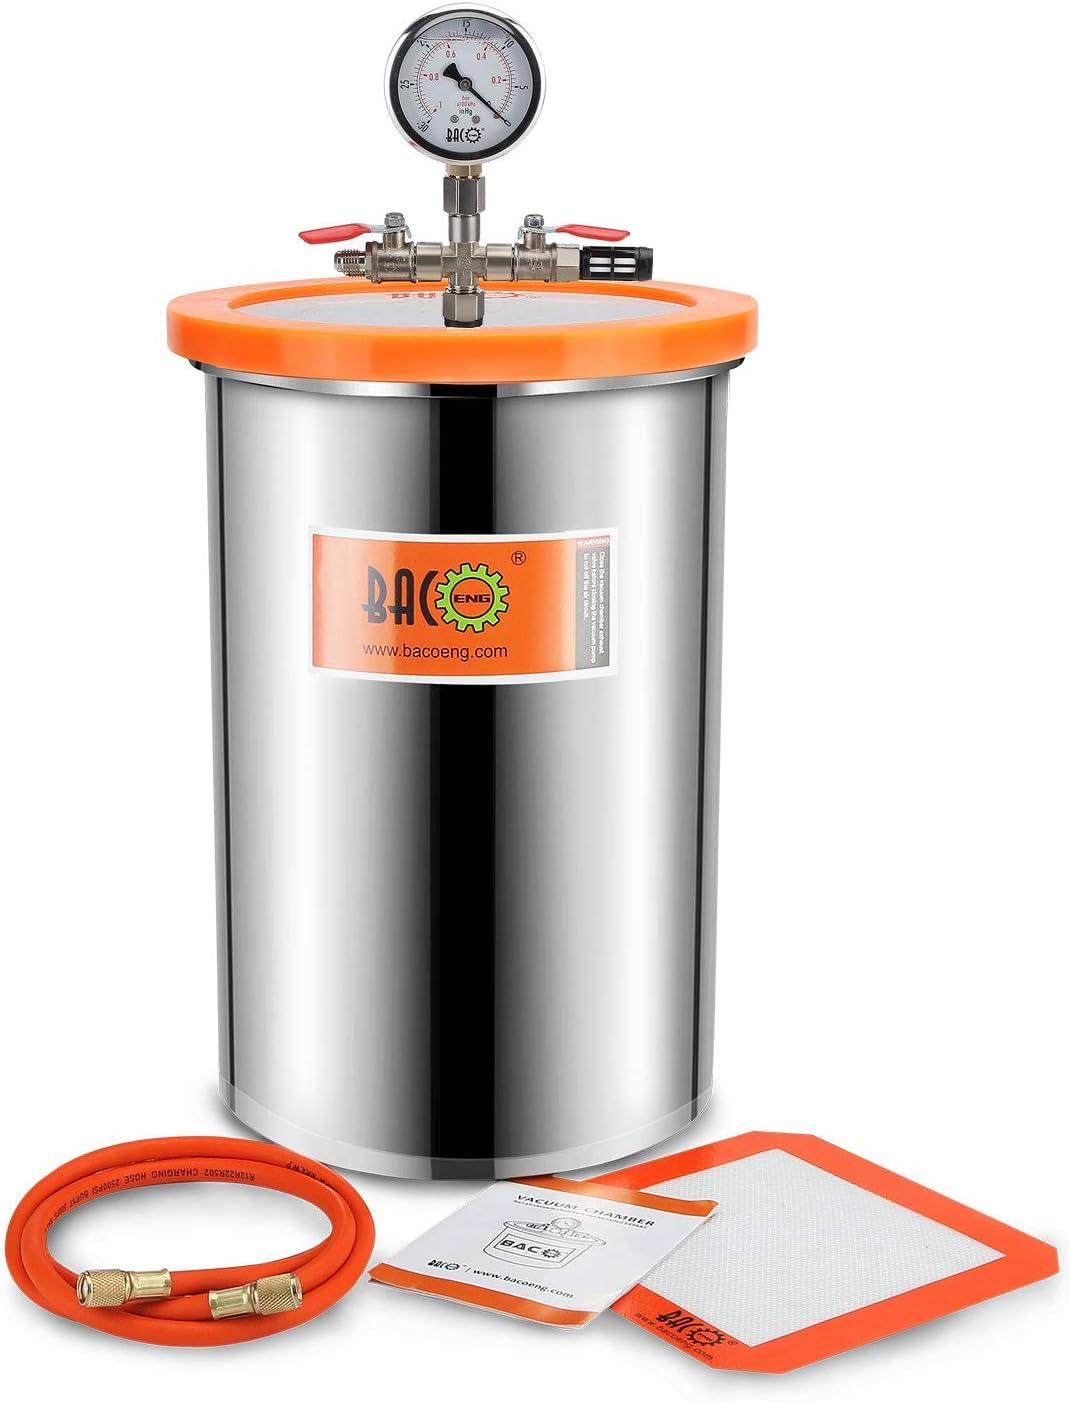 compatibilit/é avec les prises fran/çaises non-garantie ou 19/litres 12 Pompe /à vide mono-/étag/ée 3 CFM avec connecteur UK /à 3 broches Kit chambre /à vide 6,8 BACOENG